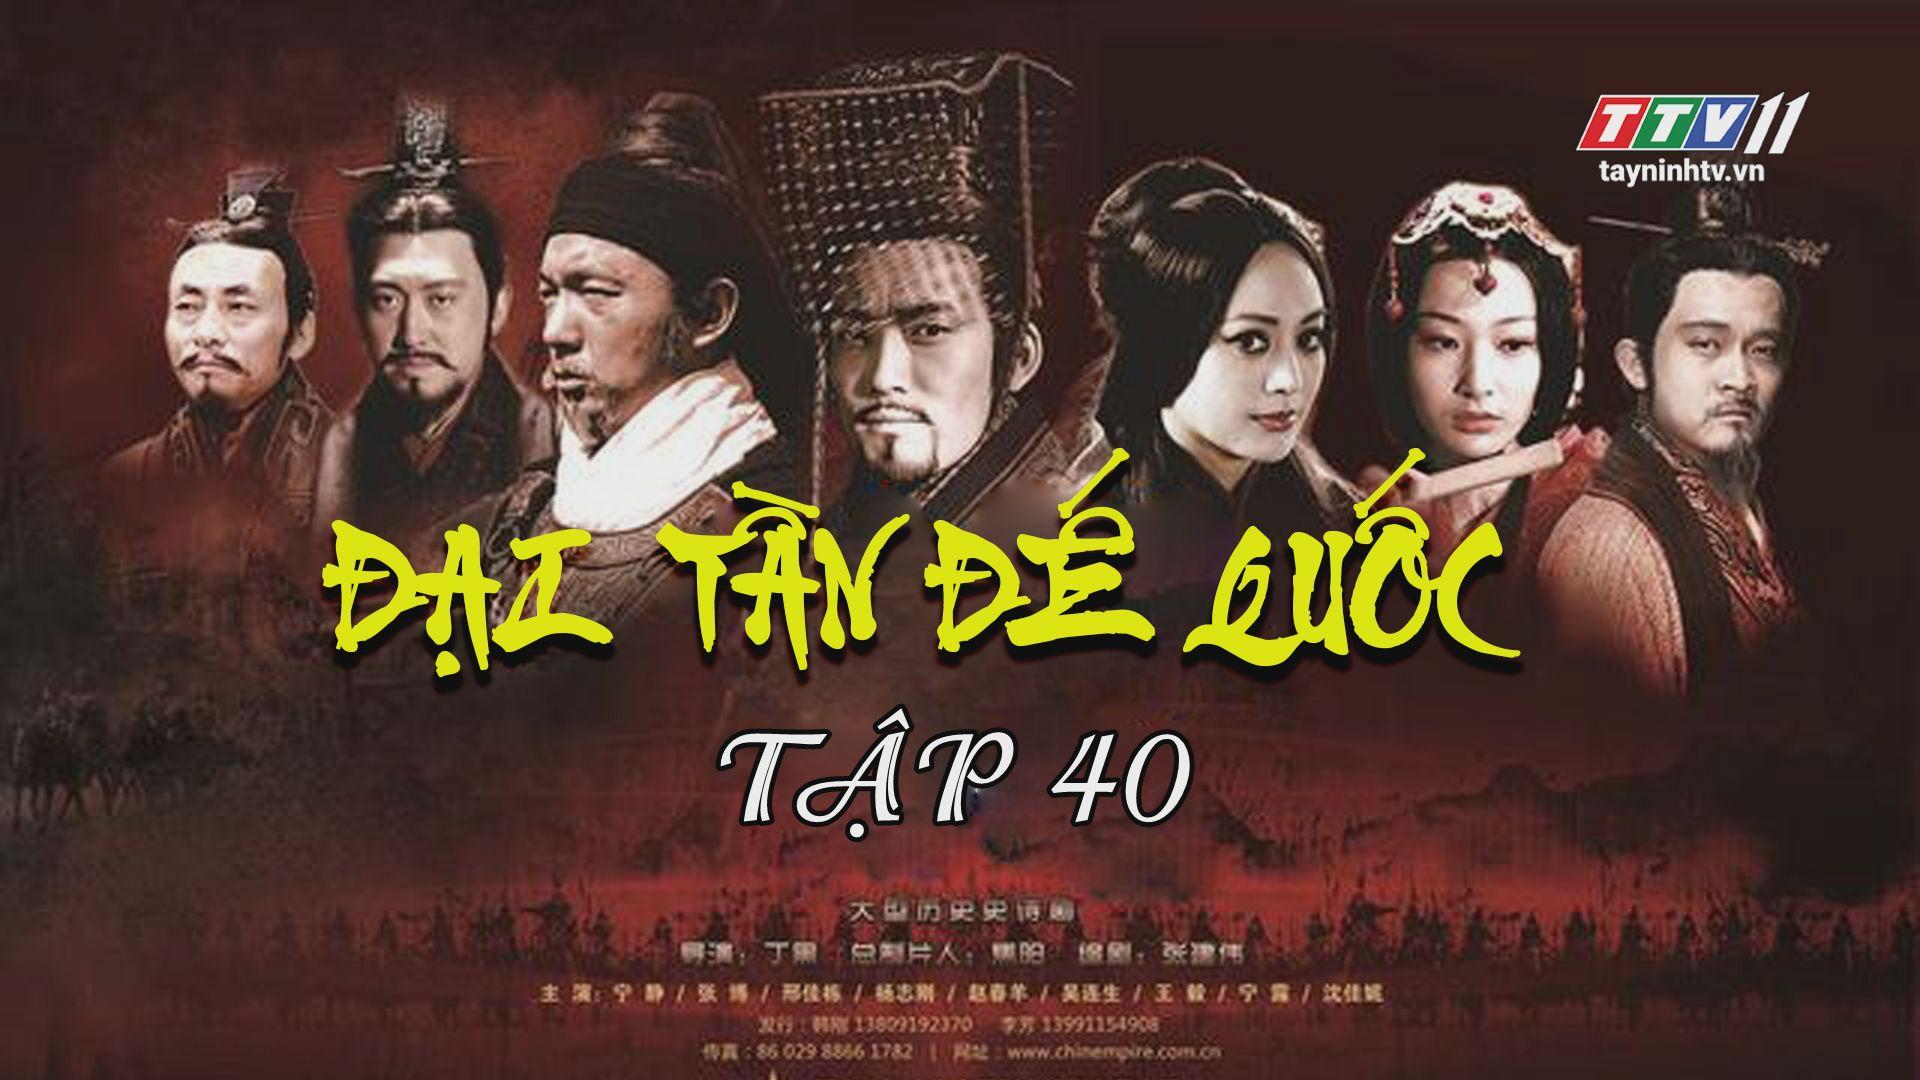 Tập 40 | ĐẠI TẦN ĐẾ QUỐC - Phần 3 - QUẬT KHỞI - FULL HD | TayNinhTV